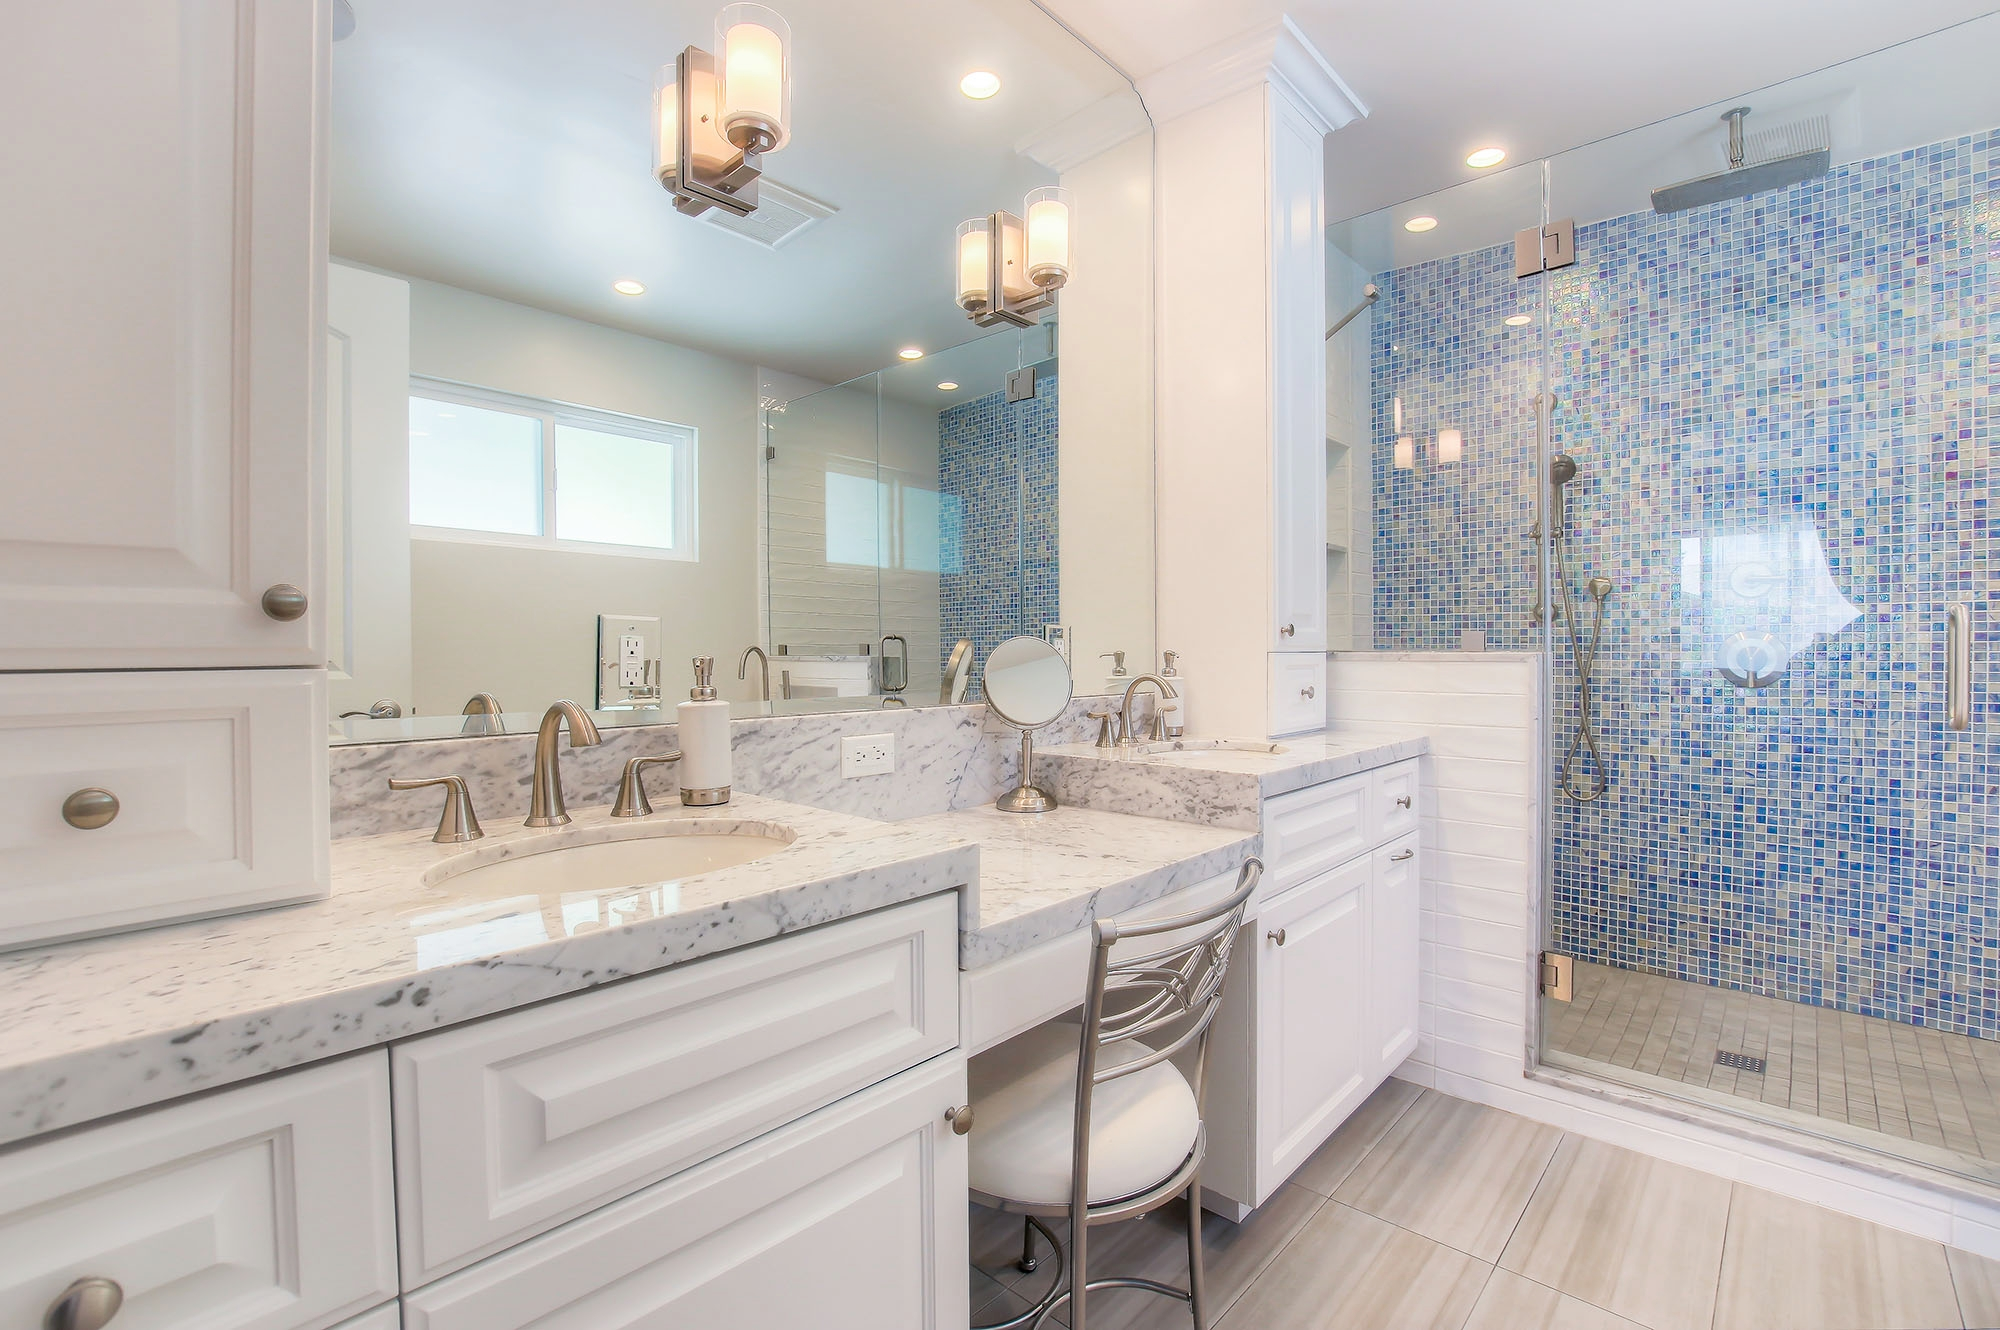 SAN FERNANDO VALLEY COMPLETE REMODEL SPAZIO LA - Bathroom vanities san fernando valley